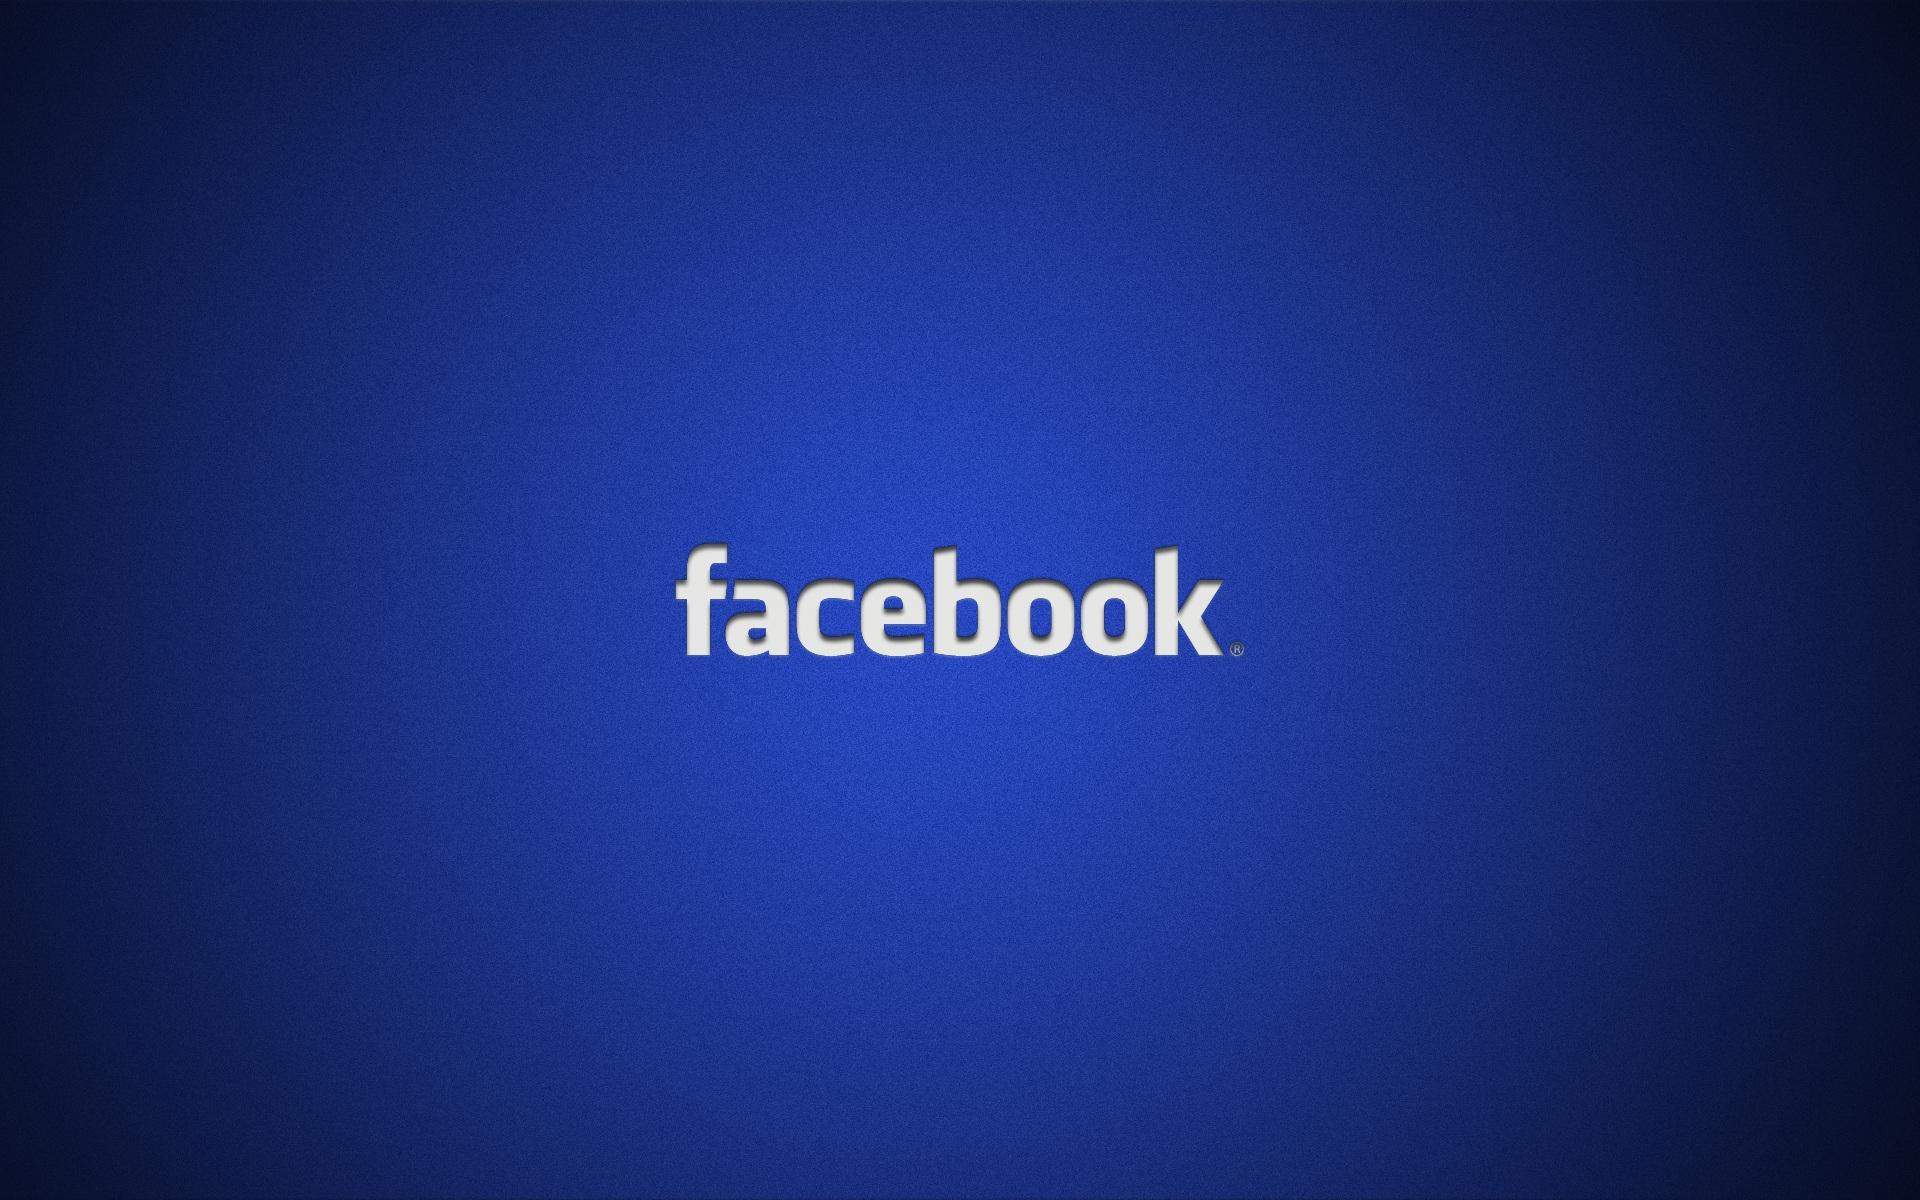 Facebook Wallpapers Free Wallpapersafari